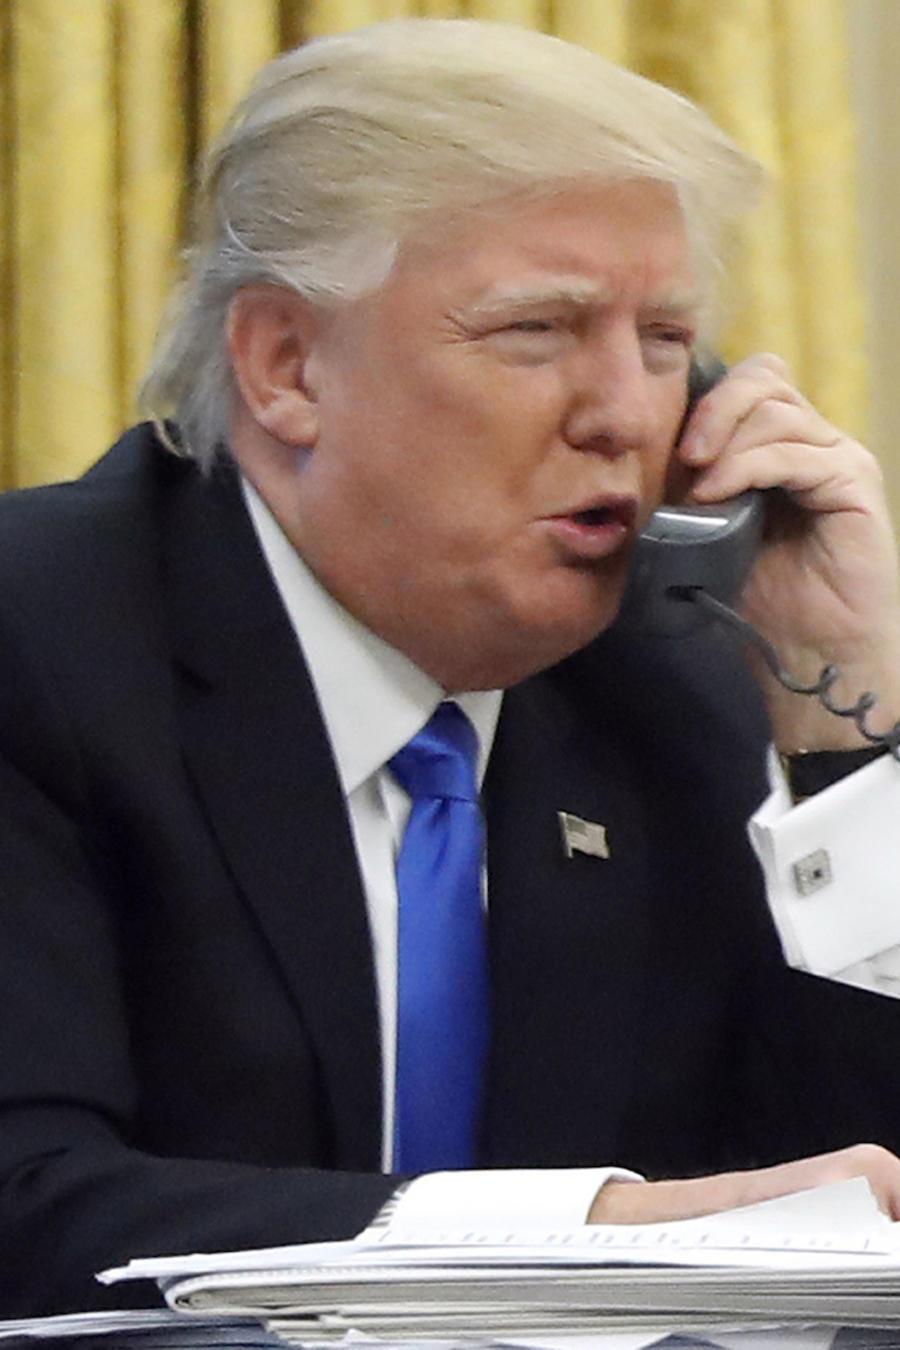 El president Donald Trump habla por teléfono el 28 de enero de 2017.